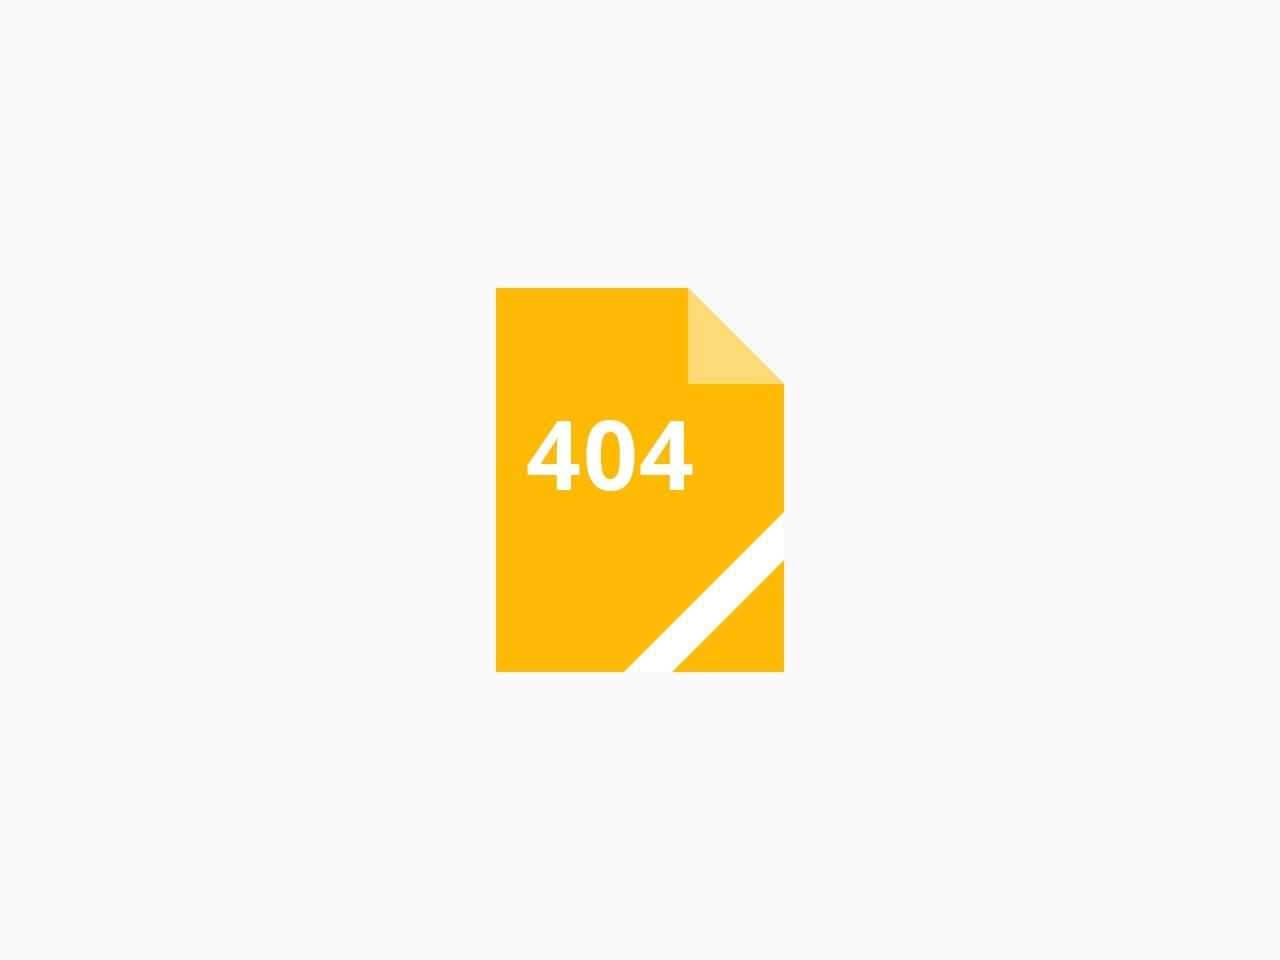 北京大学人民医院 - 北京大学人民医院创建于1918年,是中国人自行筹资建设和管理的第一家综合性西医医院。经过96年发展,现已成为集医疗、教学、科研为一体的现代化综合性大学医院(三级甲等)。